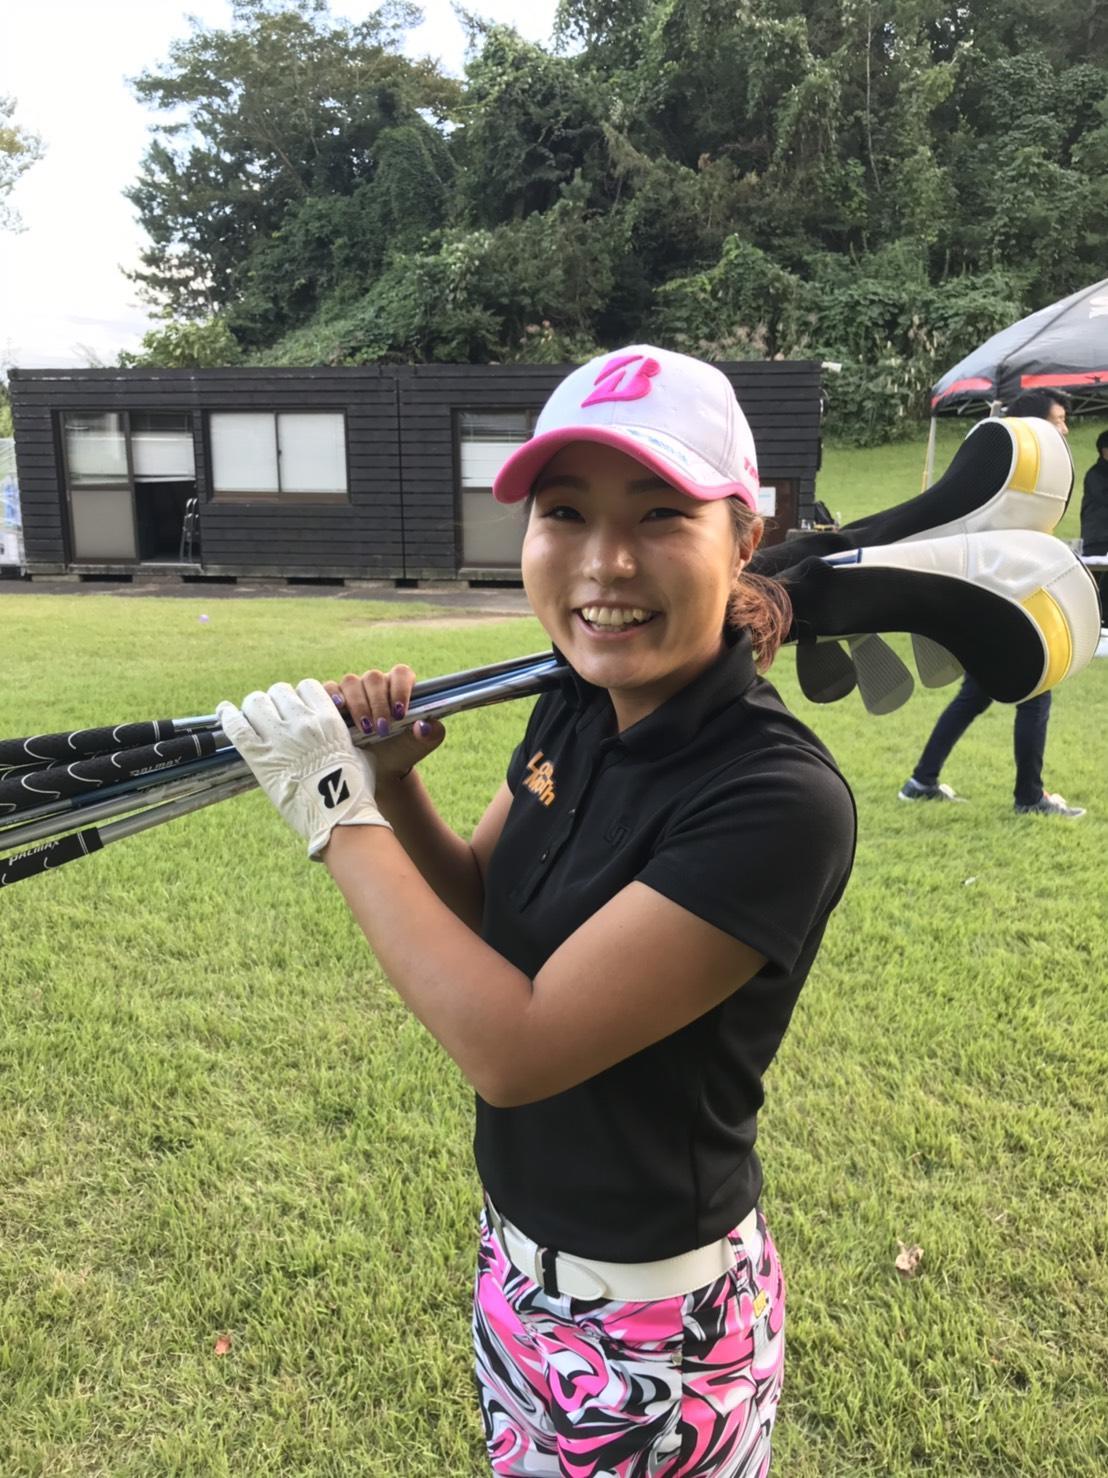 https://www.bs-golf.com/pro/IMG_8938.JPG